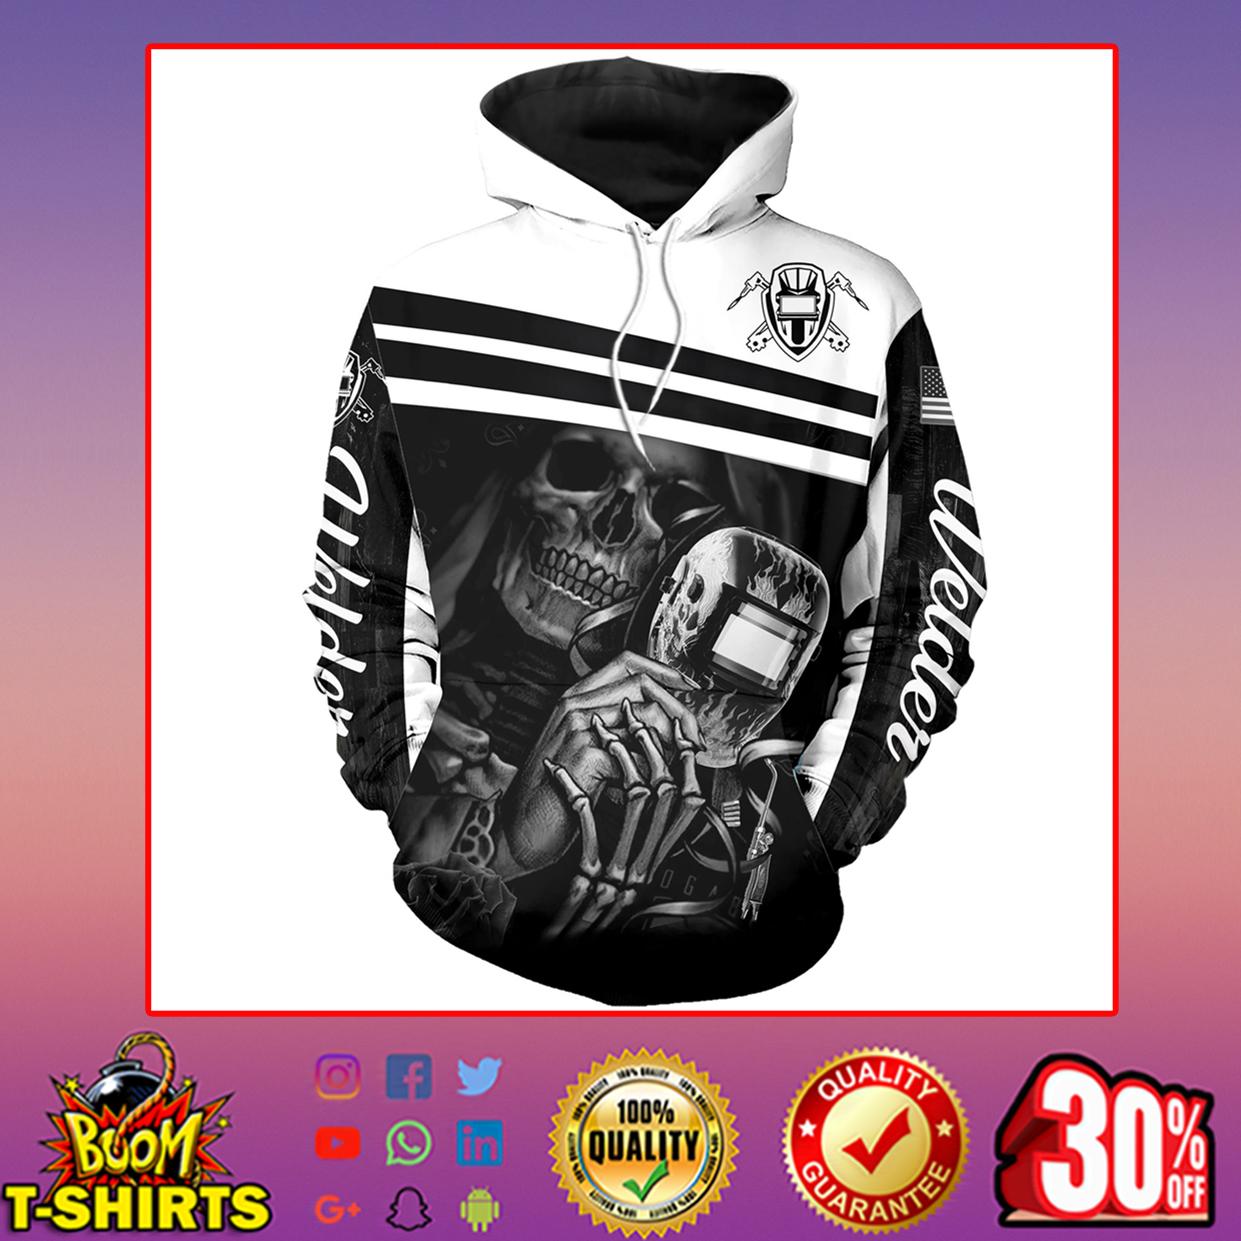 Welder skull skeleton 3d printed hoodie, t-shirt, zip hoodie